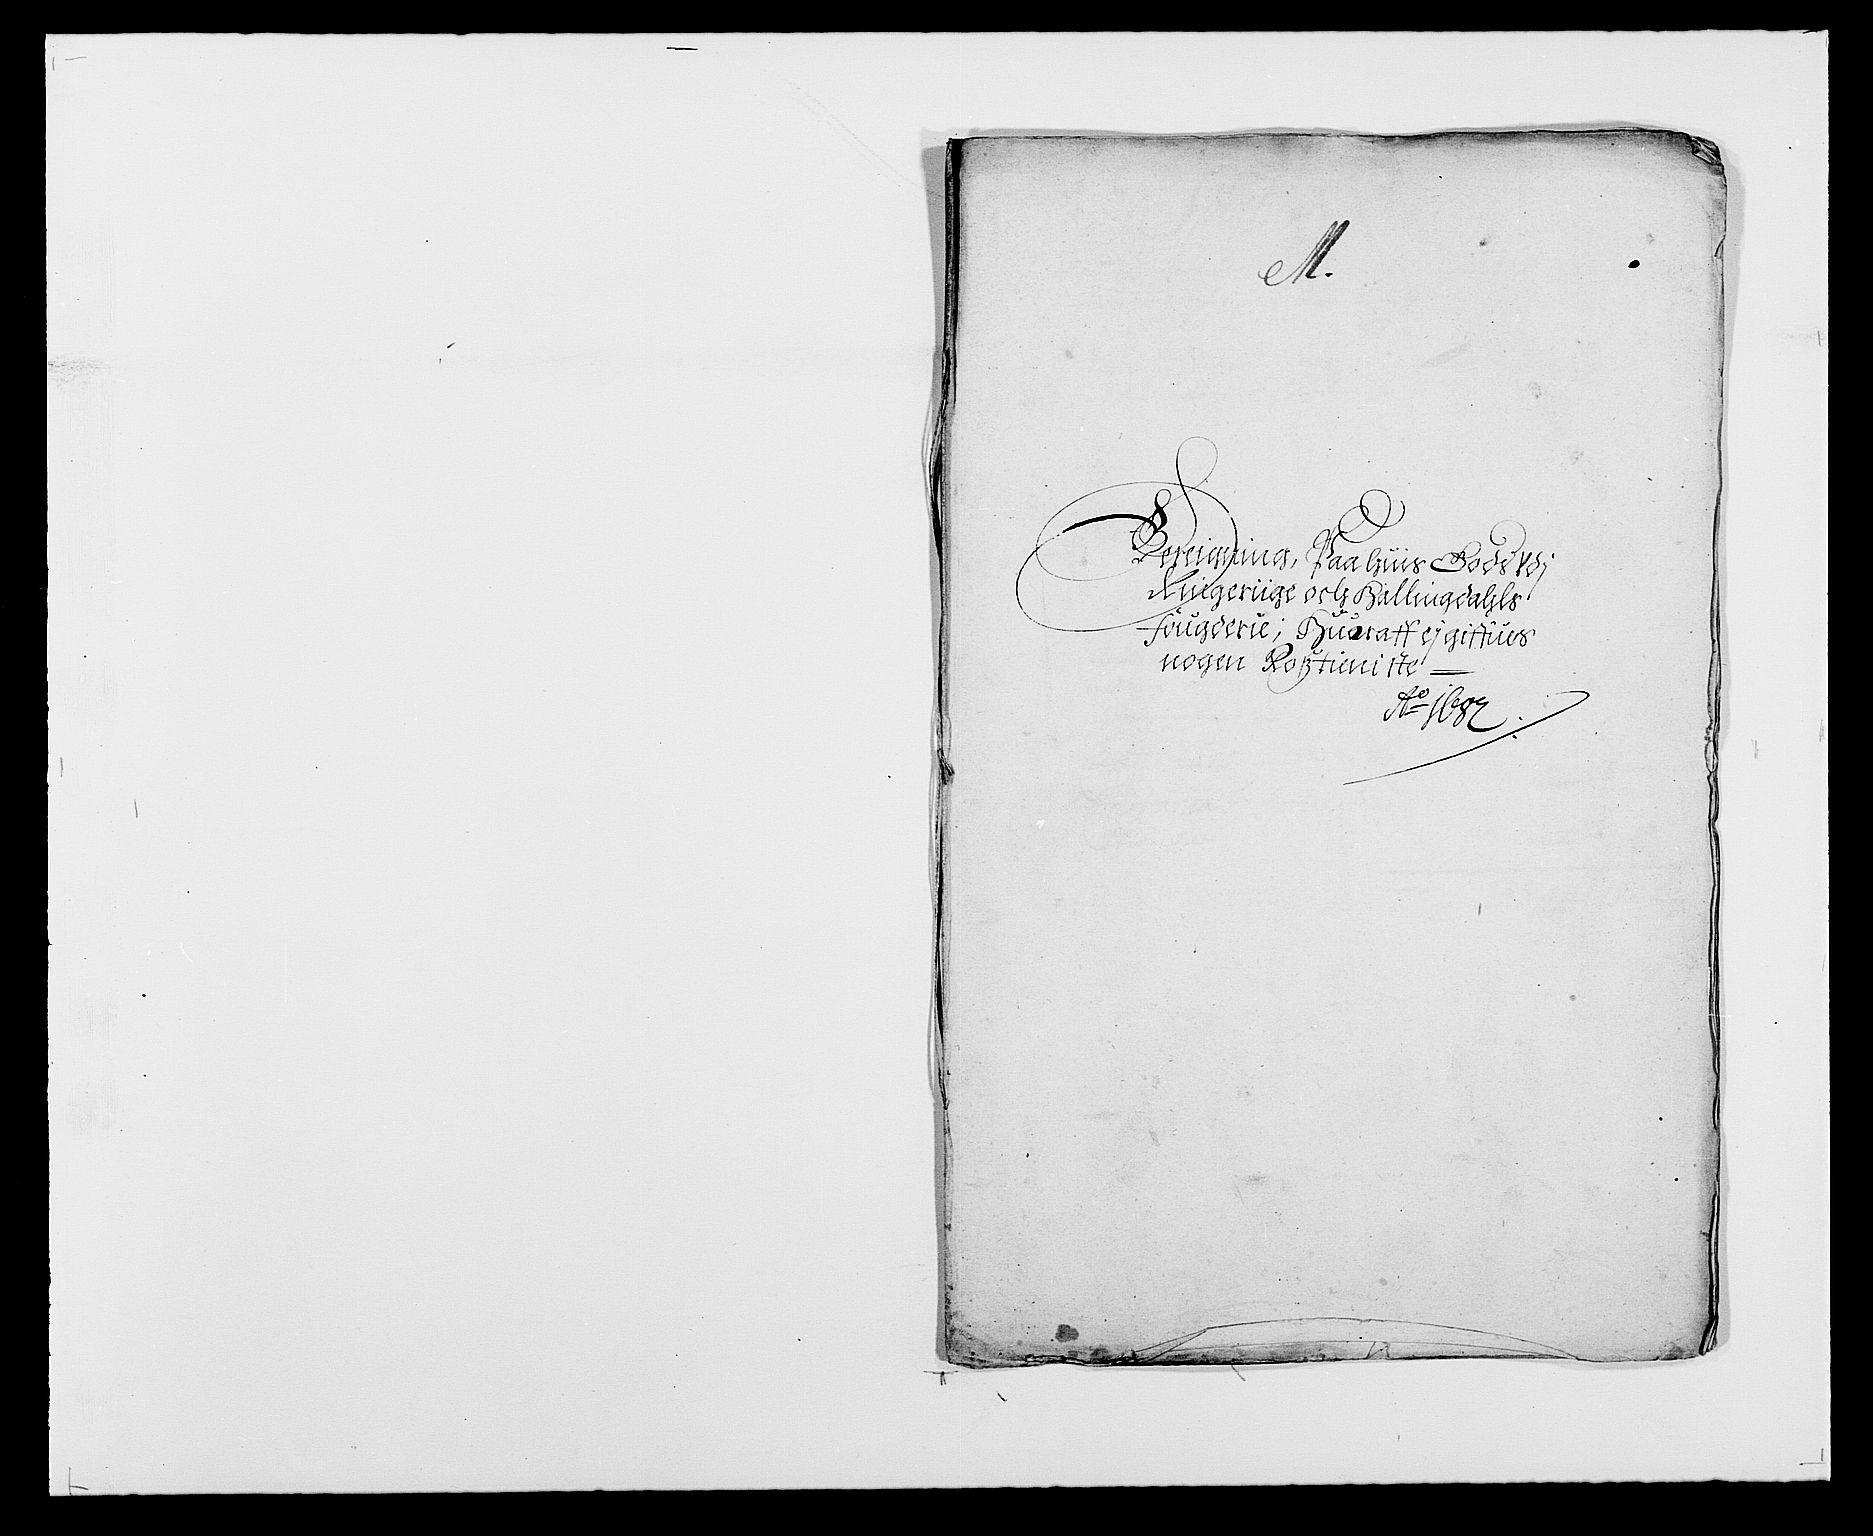 RA, Rentekammeret inntil 1814, Reviderte regnskaper, Fogderegnskap, R21/L1445: Fogderegnskap Ringerike og Hallingdal, 1681-1689, s. 417